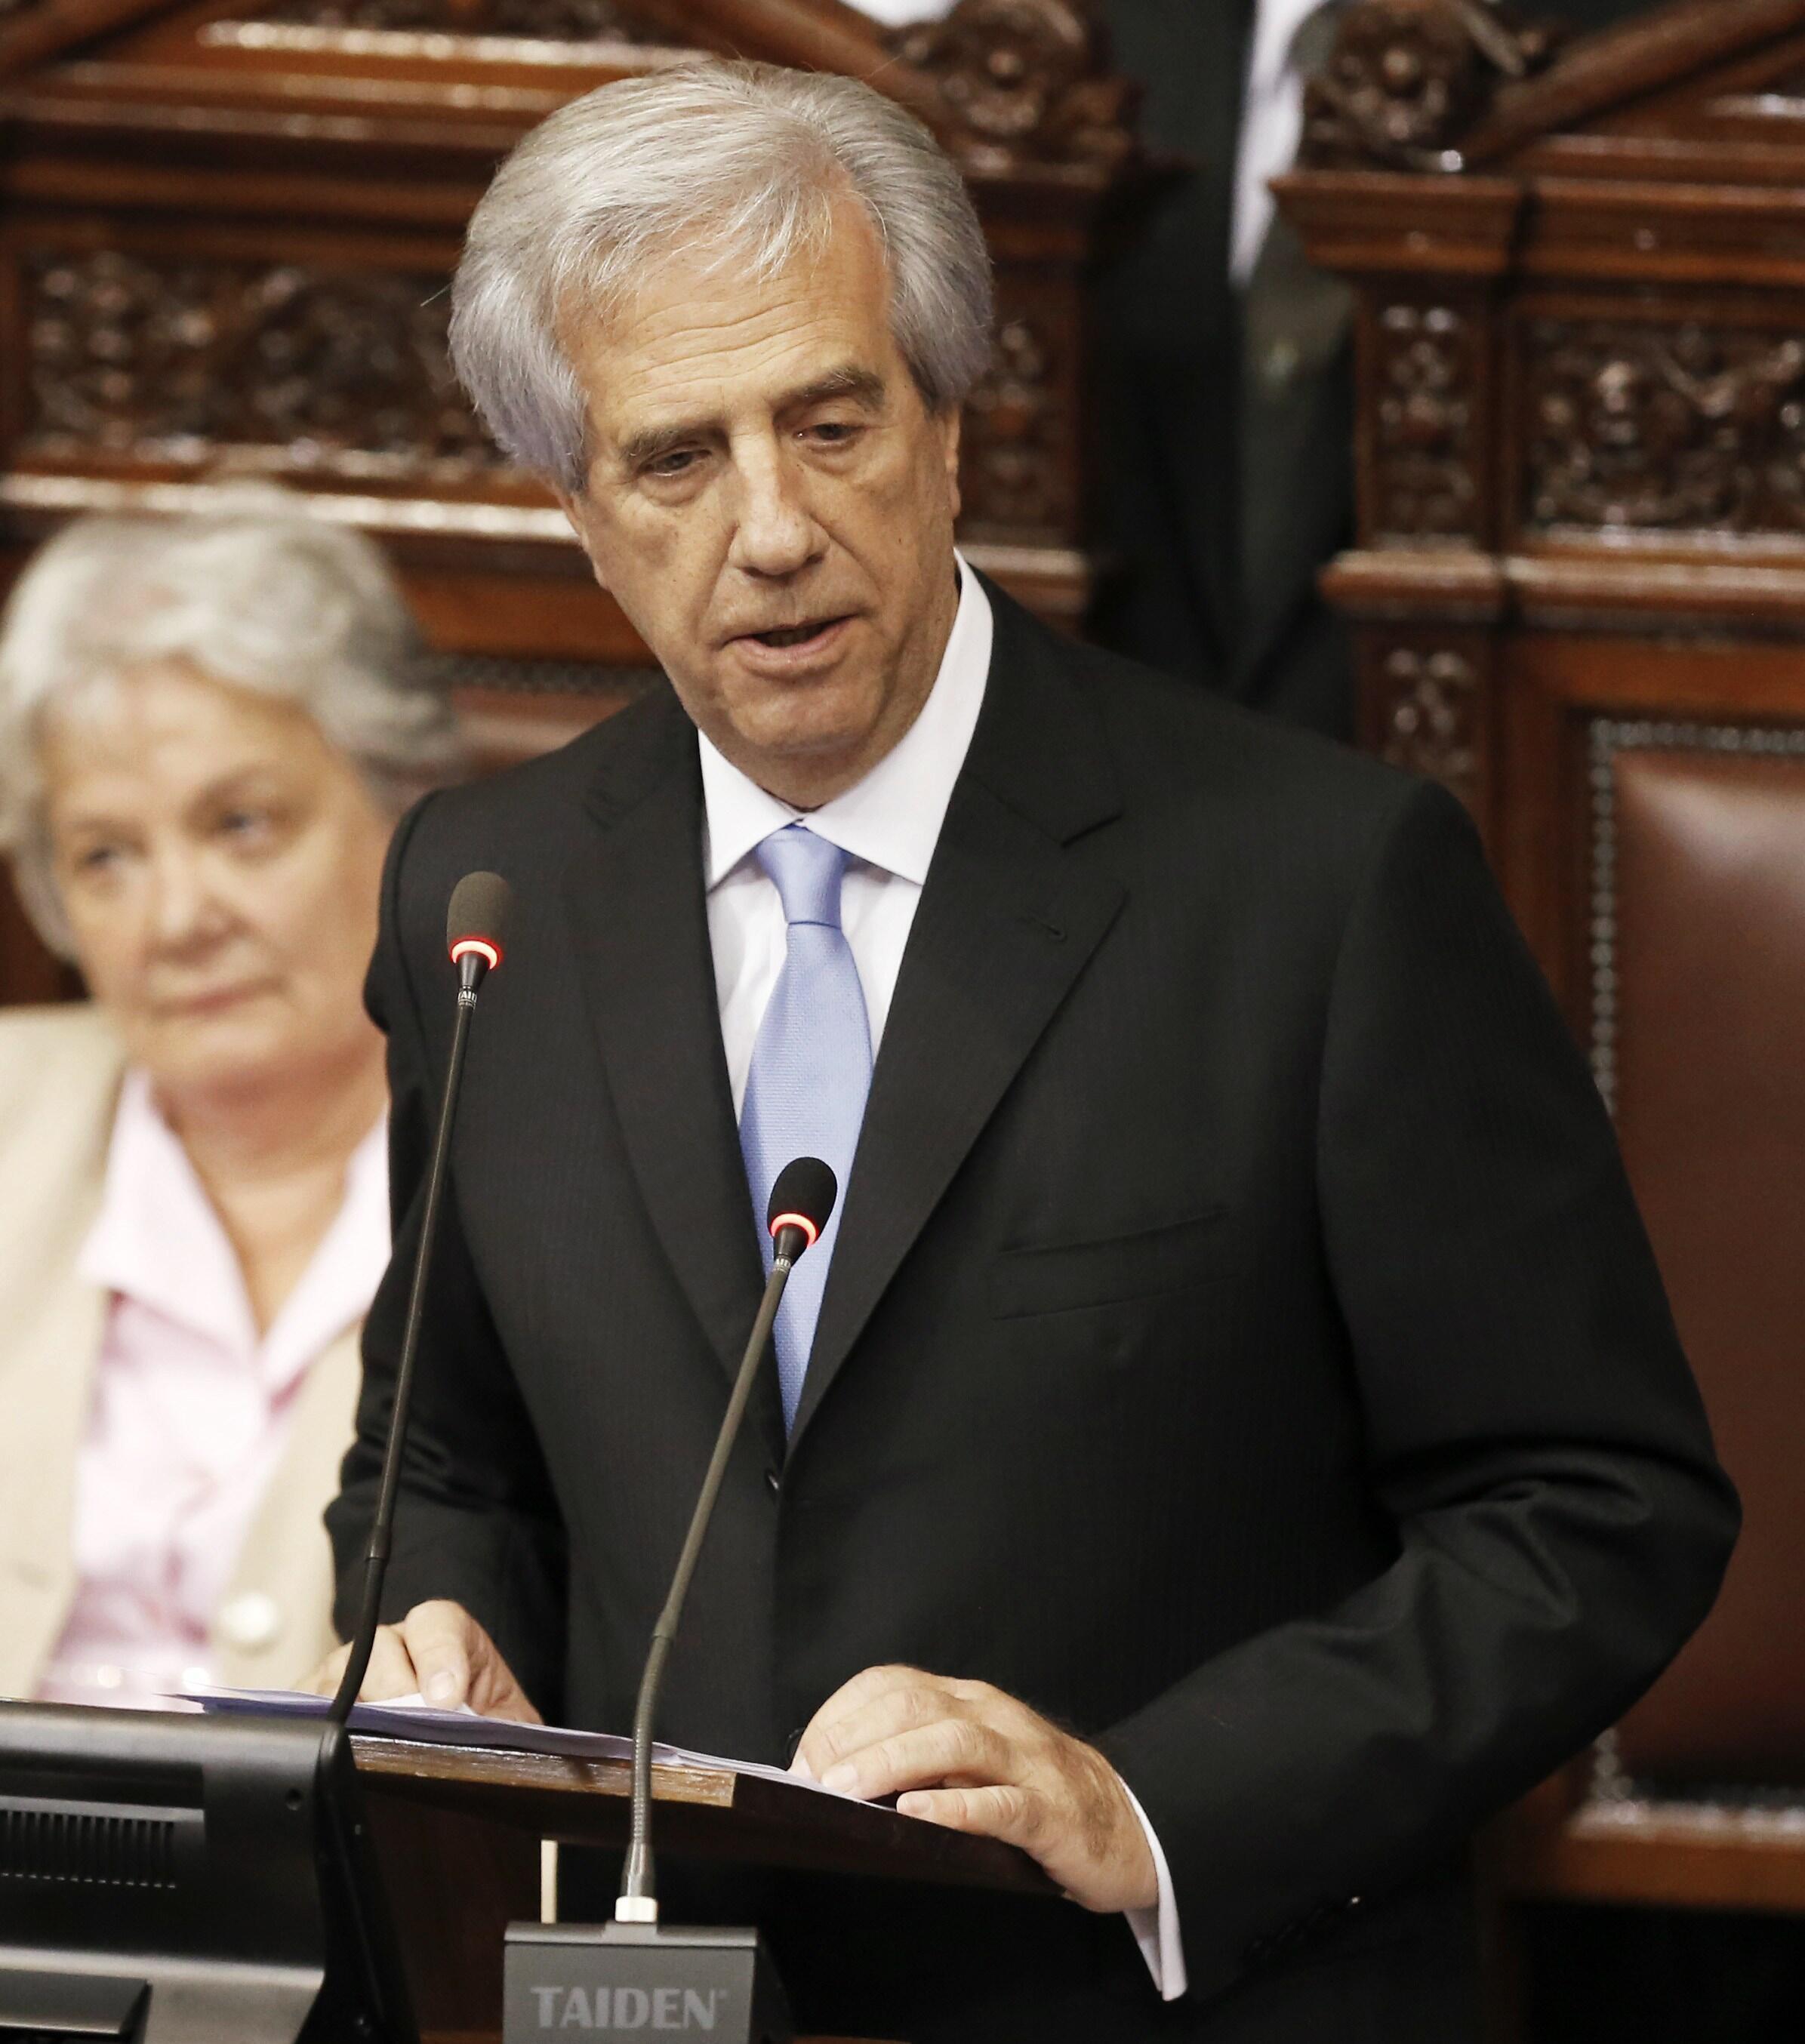 La primera huelga del mandato de Vázquez paralizó el transporte, la educación y la salud.